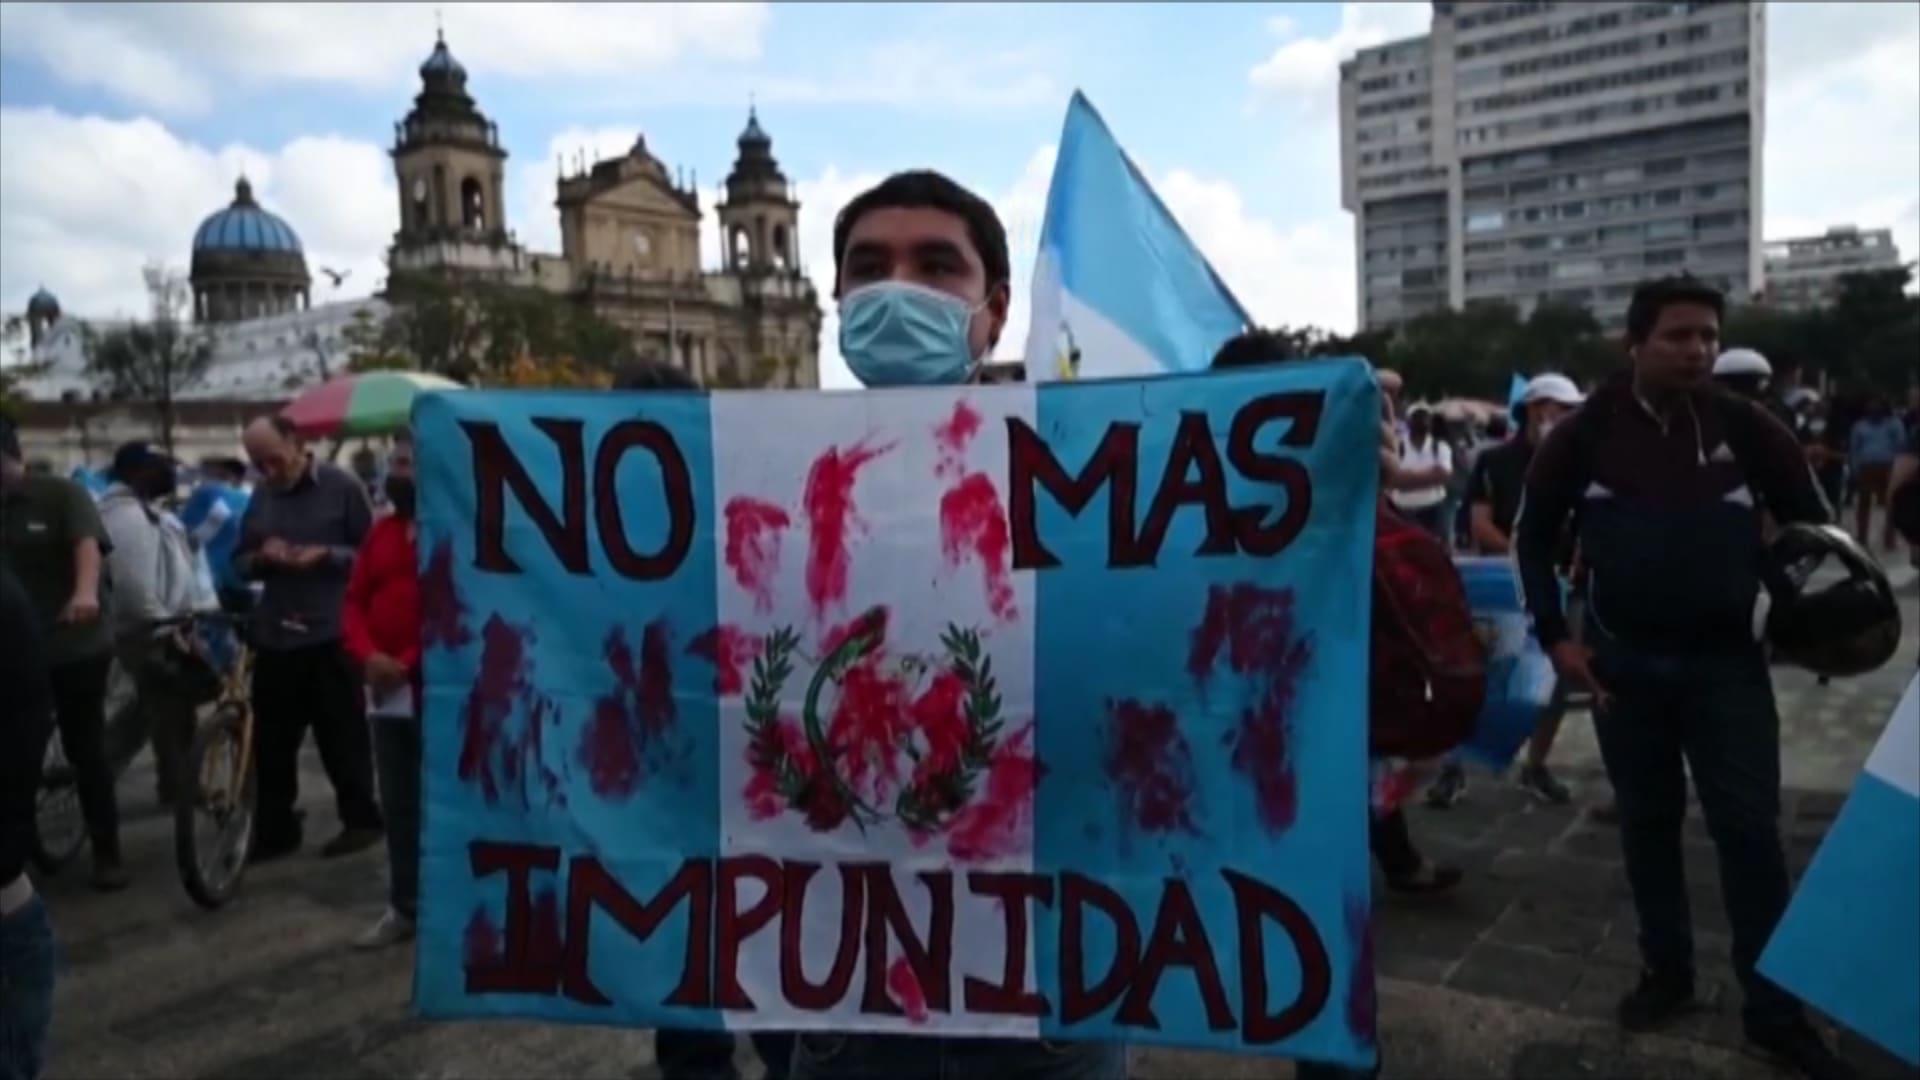 احتجاجات في غواتيمالا.. والمطالبة باستقالة الرئيس